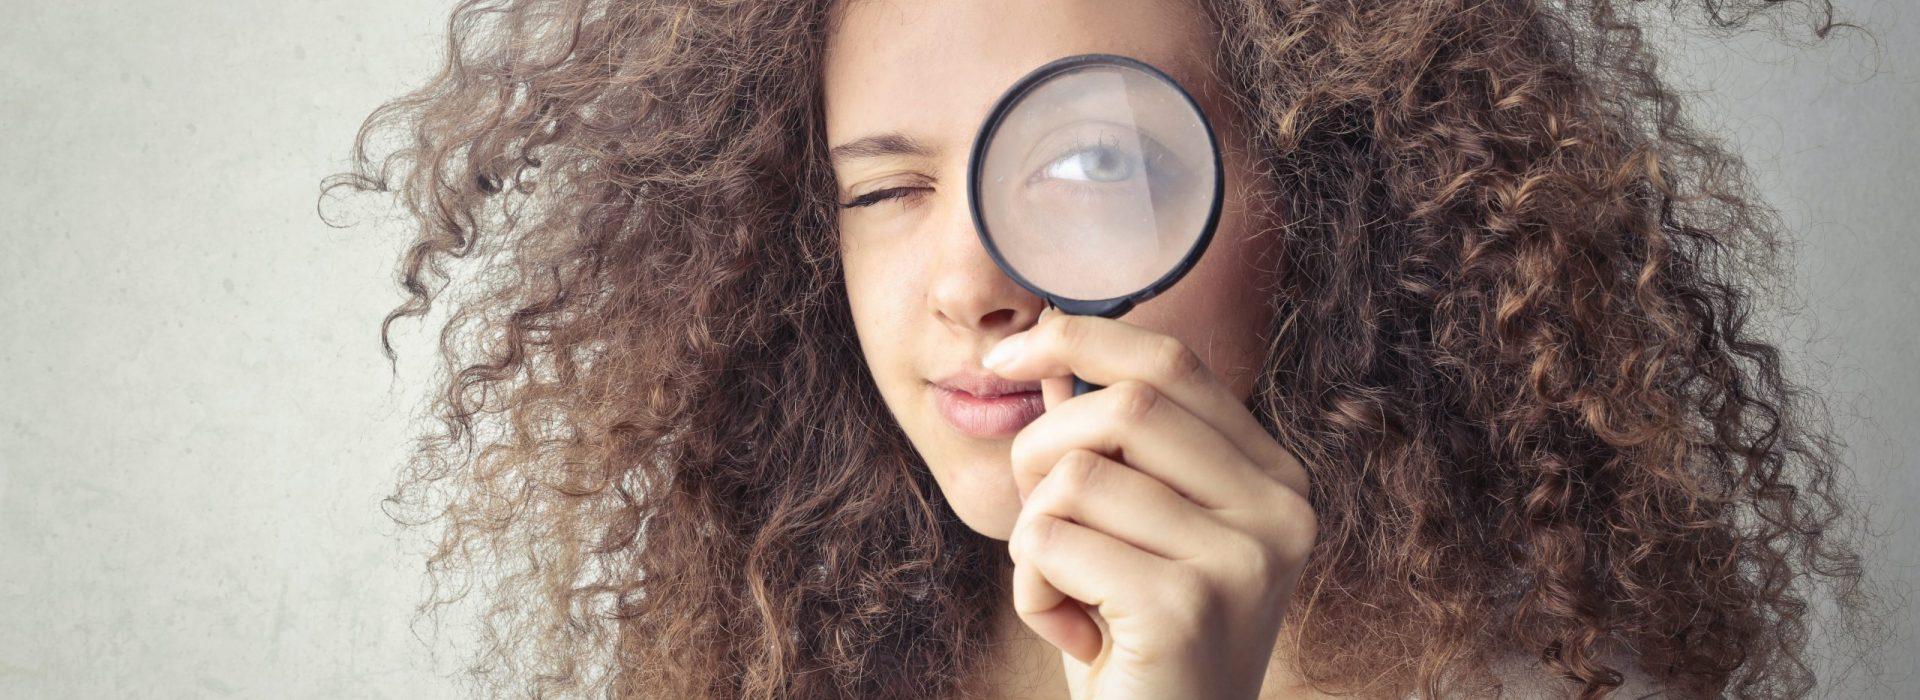 Un rédacteur freelance apporte son oeil neuf sur votre activité